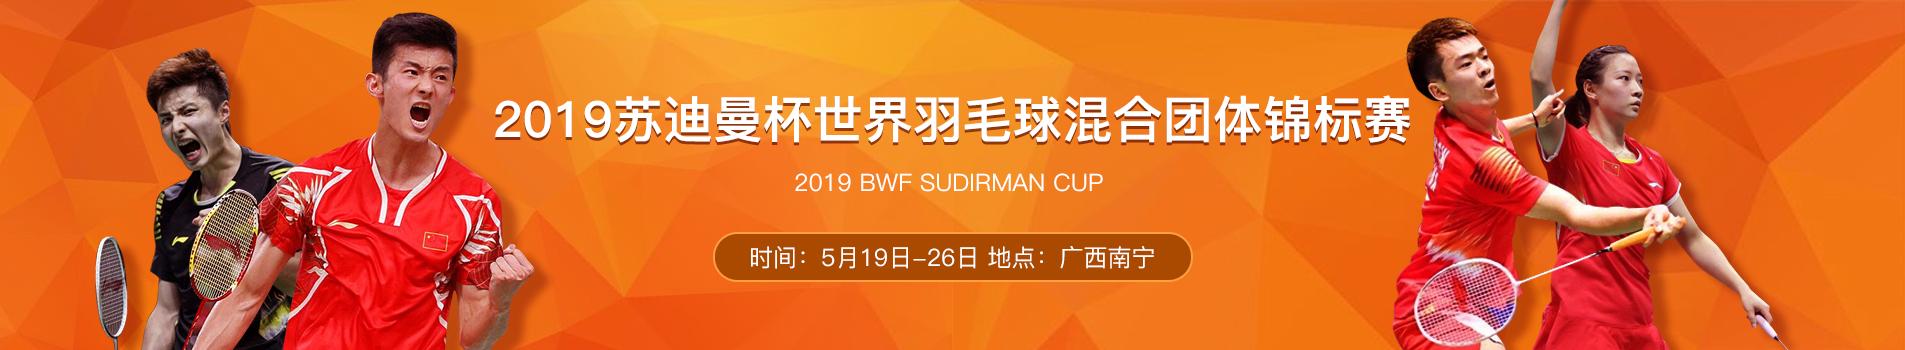 2019苏迪曼杯